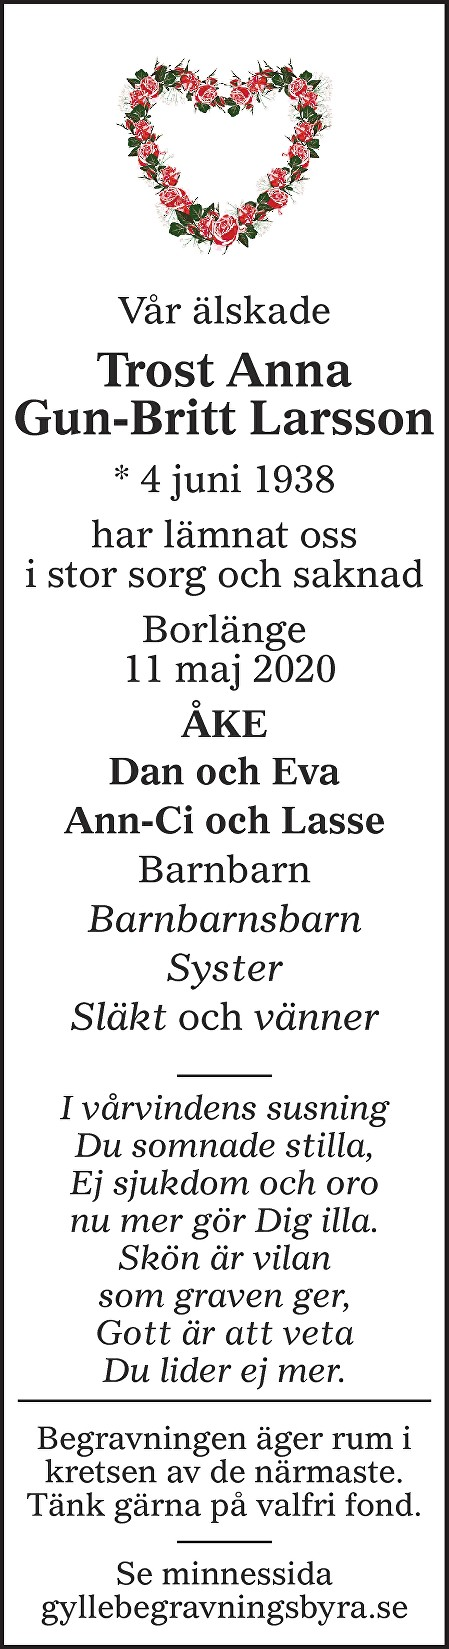 Trost Anna Gun-Britt Larsson Death notice